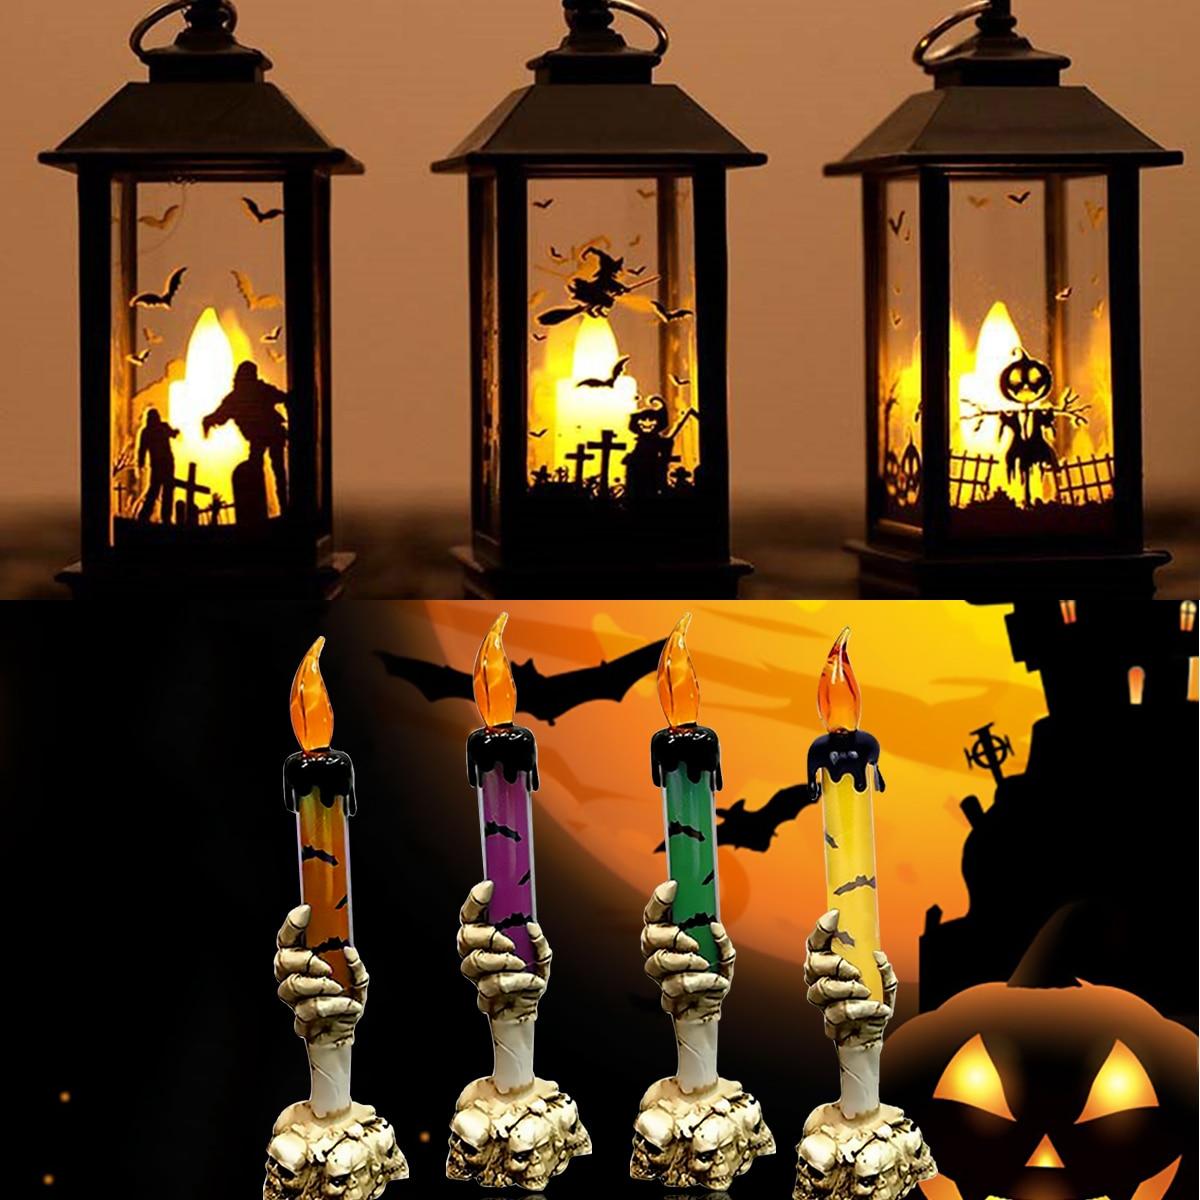 HR 2019 Halloween Vintage Pumpkin Castle Light Lamp Party Decoration Decor Black